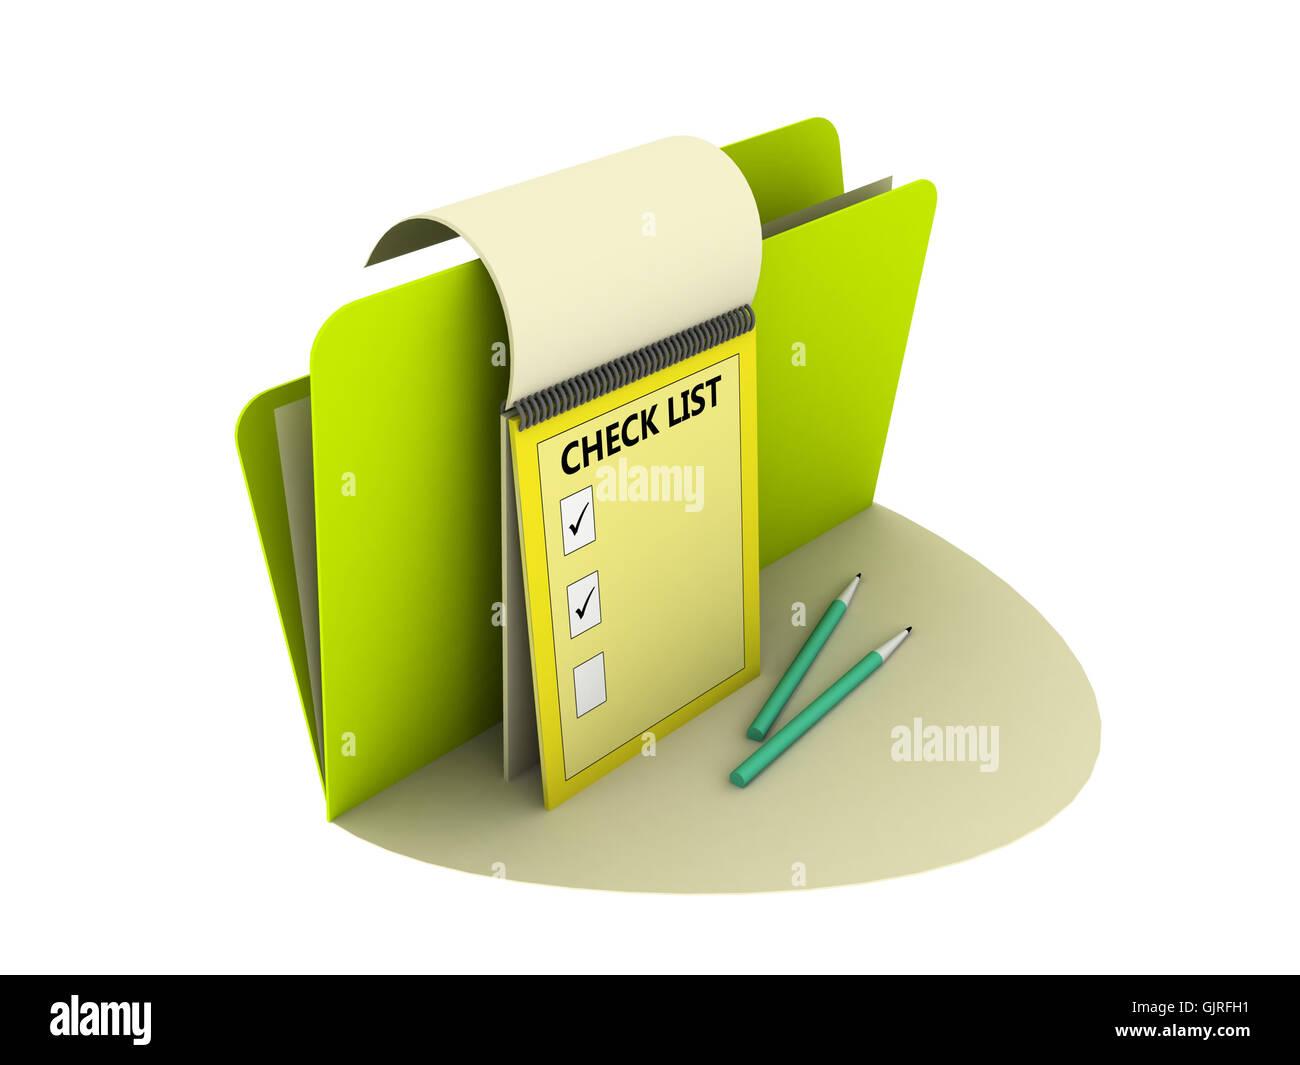 navigation illustration list - Stock Image